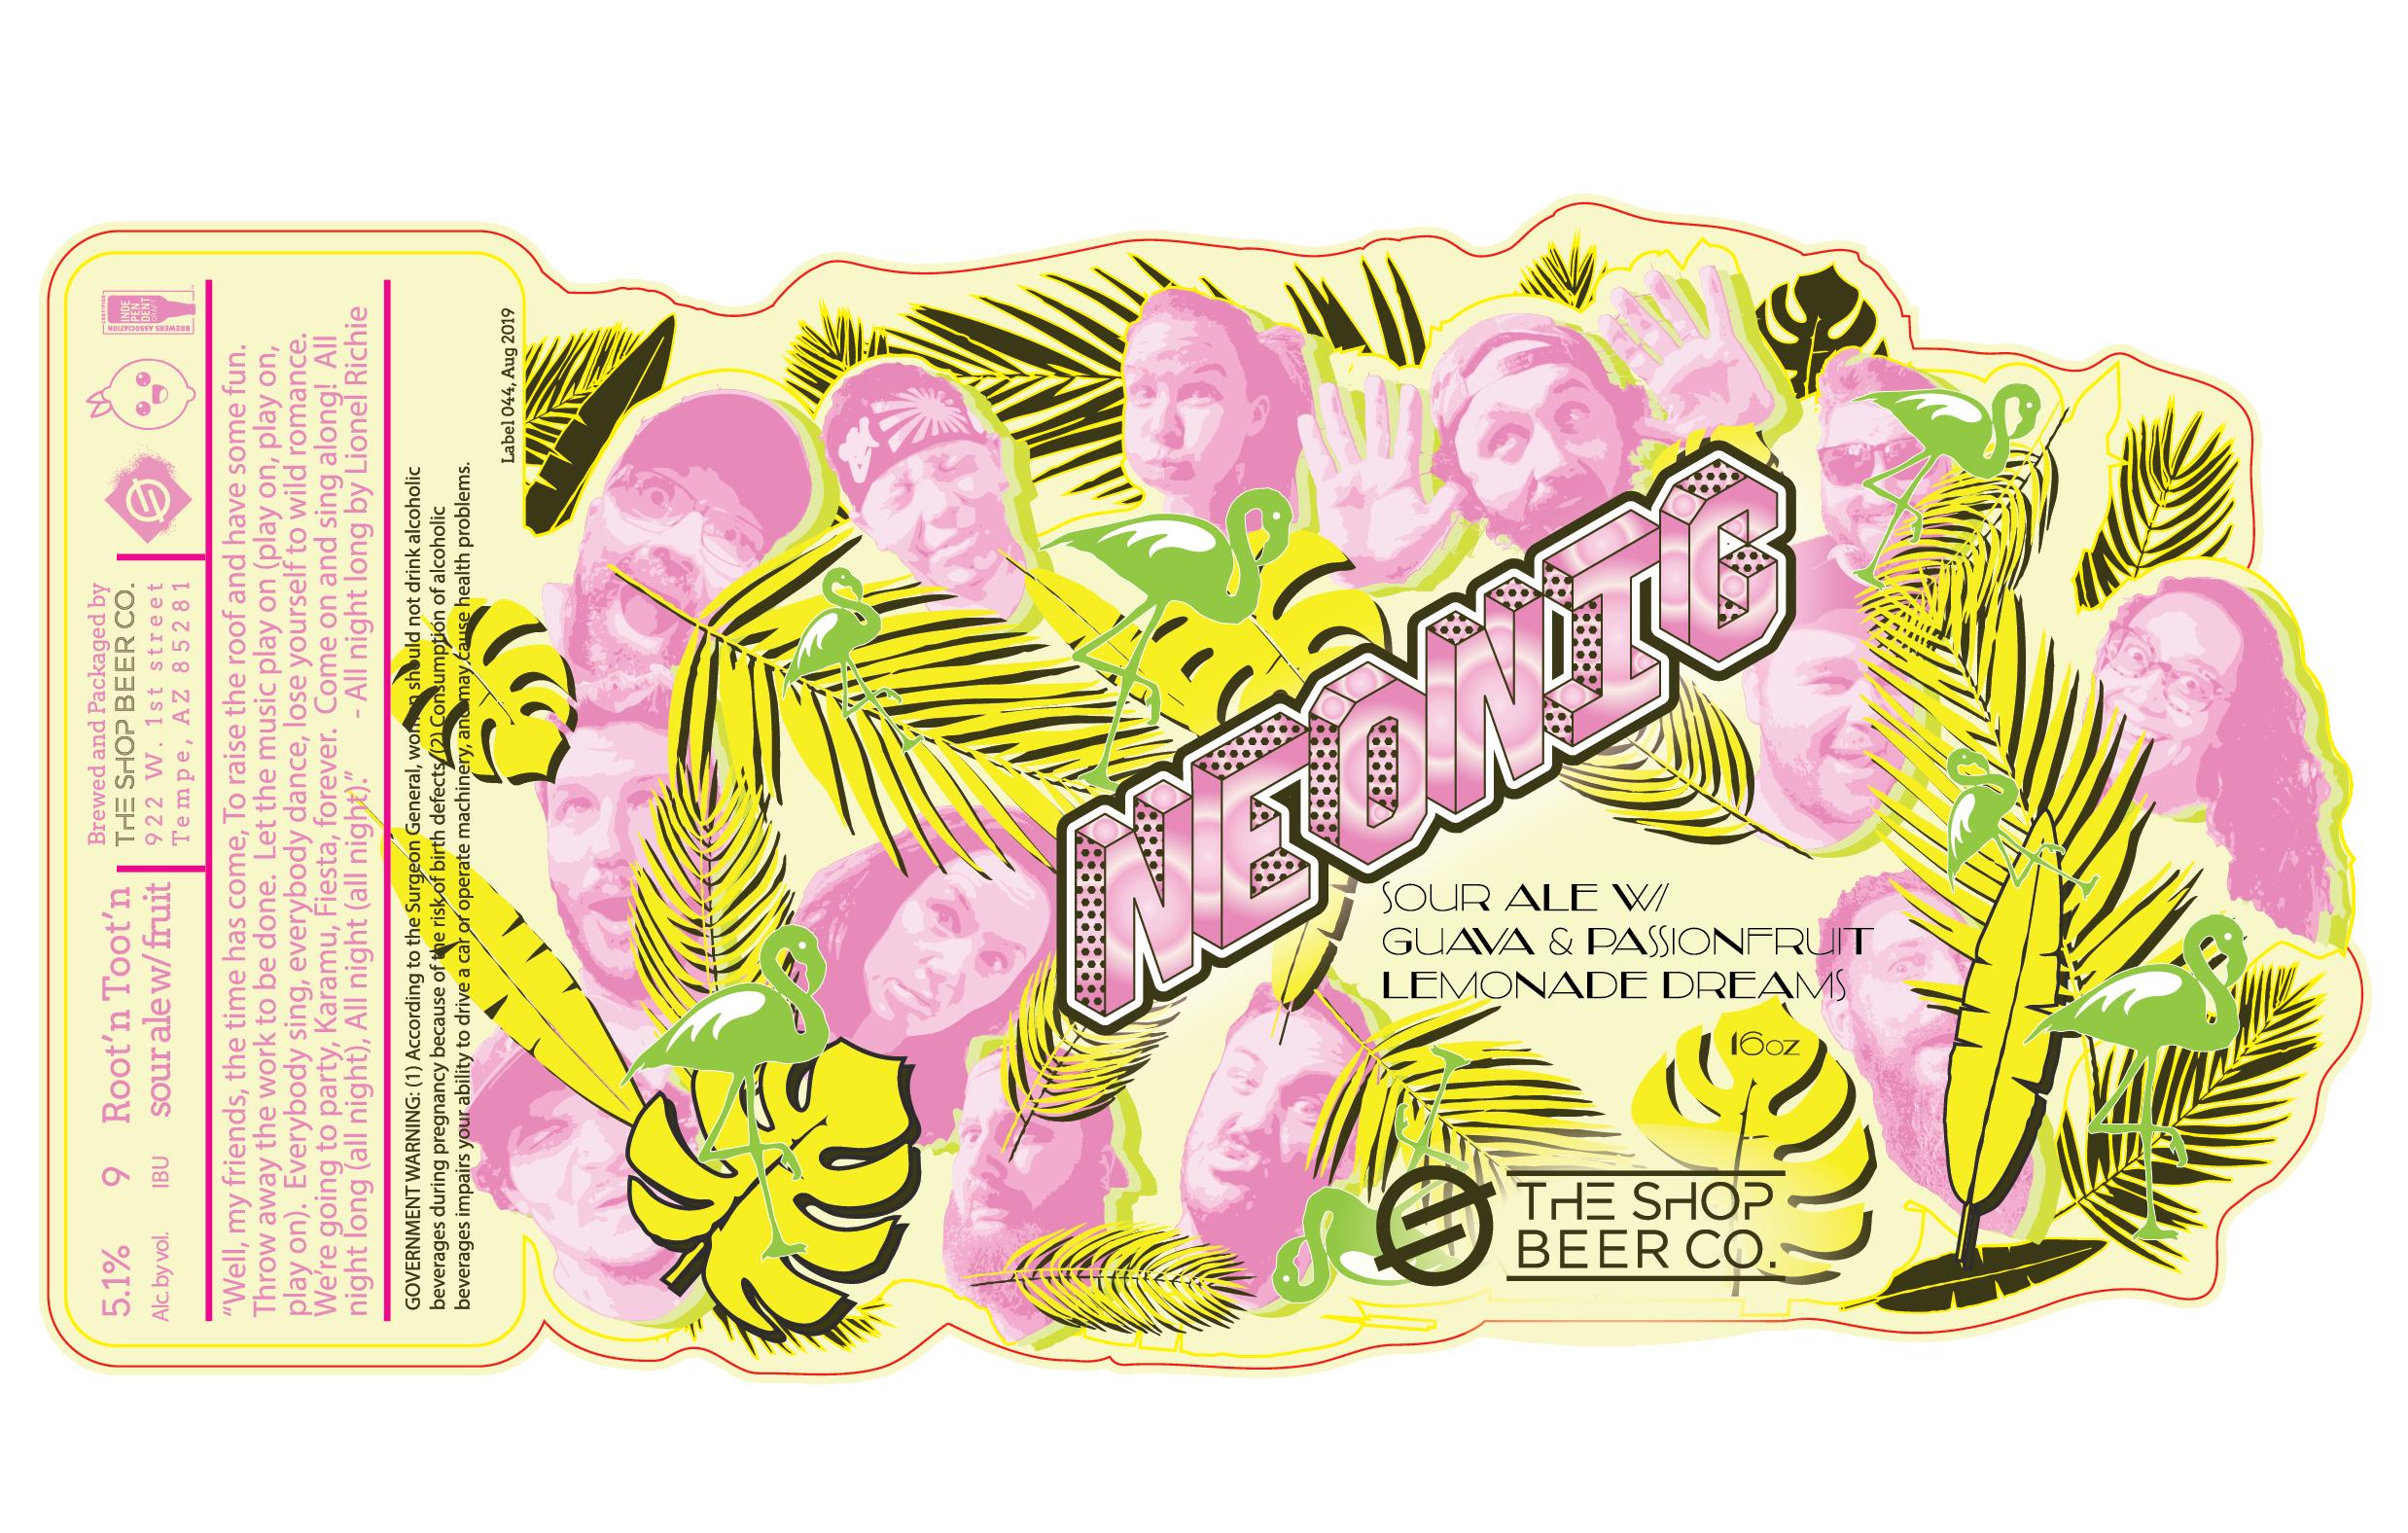 Neonic_Guava Passionfruit Lemonade__Web file_7-17-19-01.png